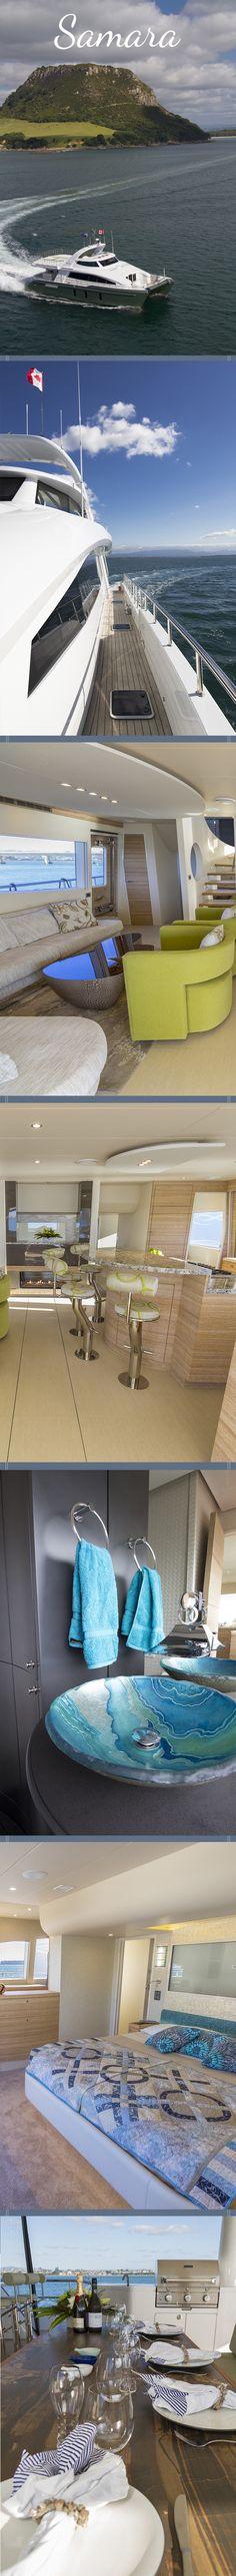 Pachoud Yachts 24m Exploration Catamaran Superyacht - Samara.